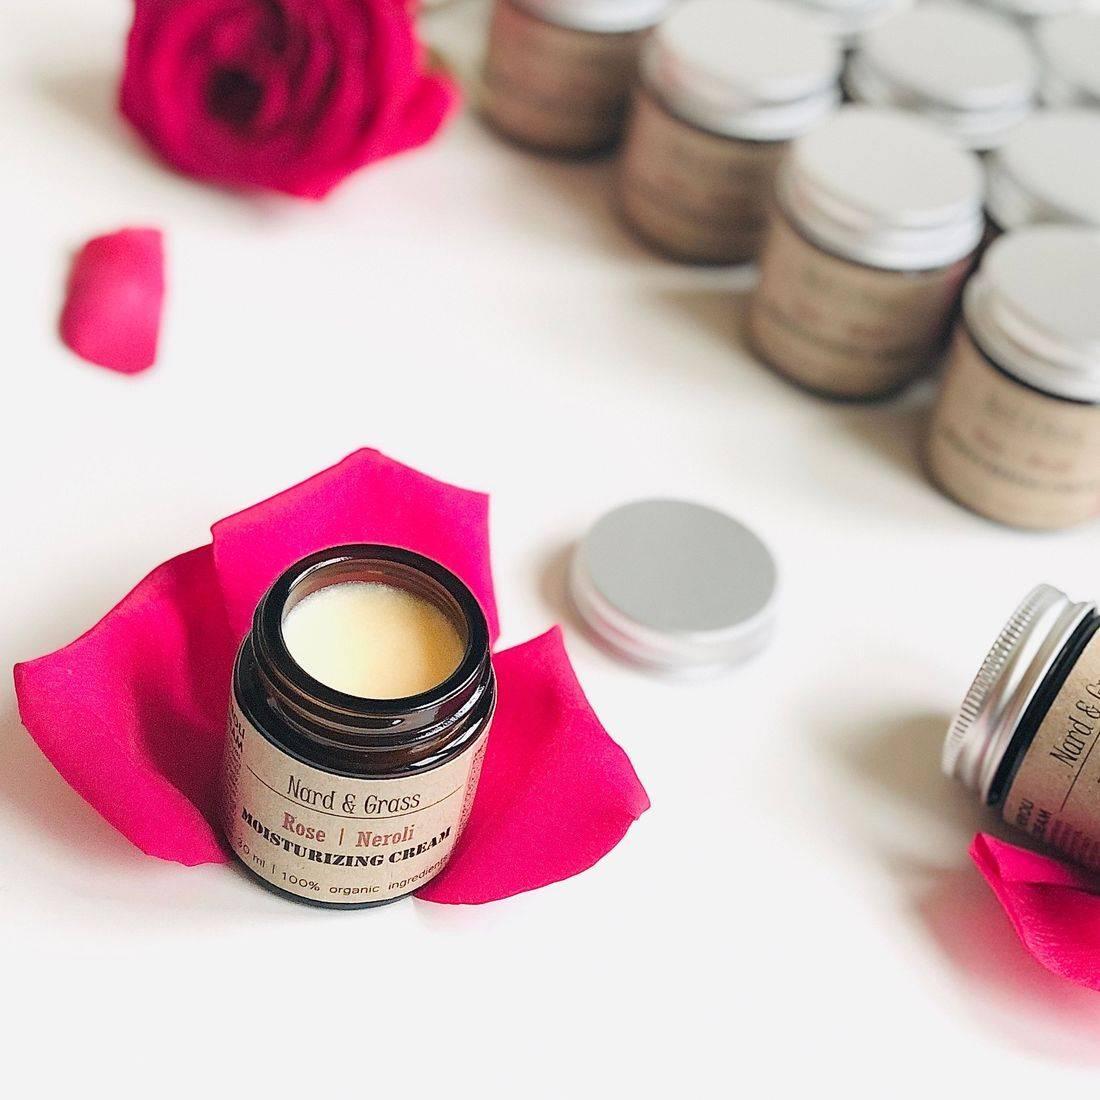 rosepost box, rose gift box, clean beauty box, rose-infused, rose water, rose serum